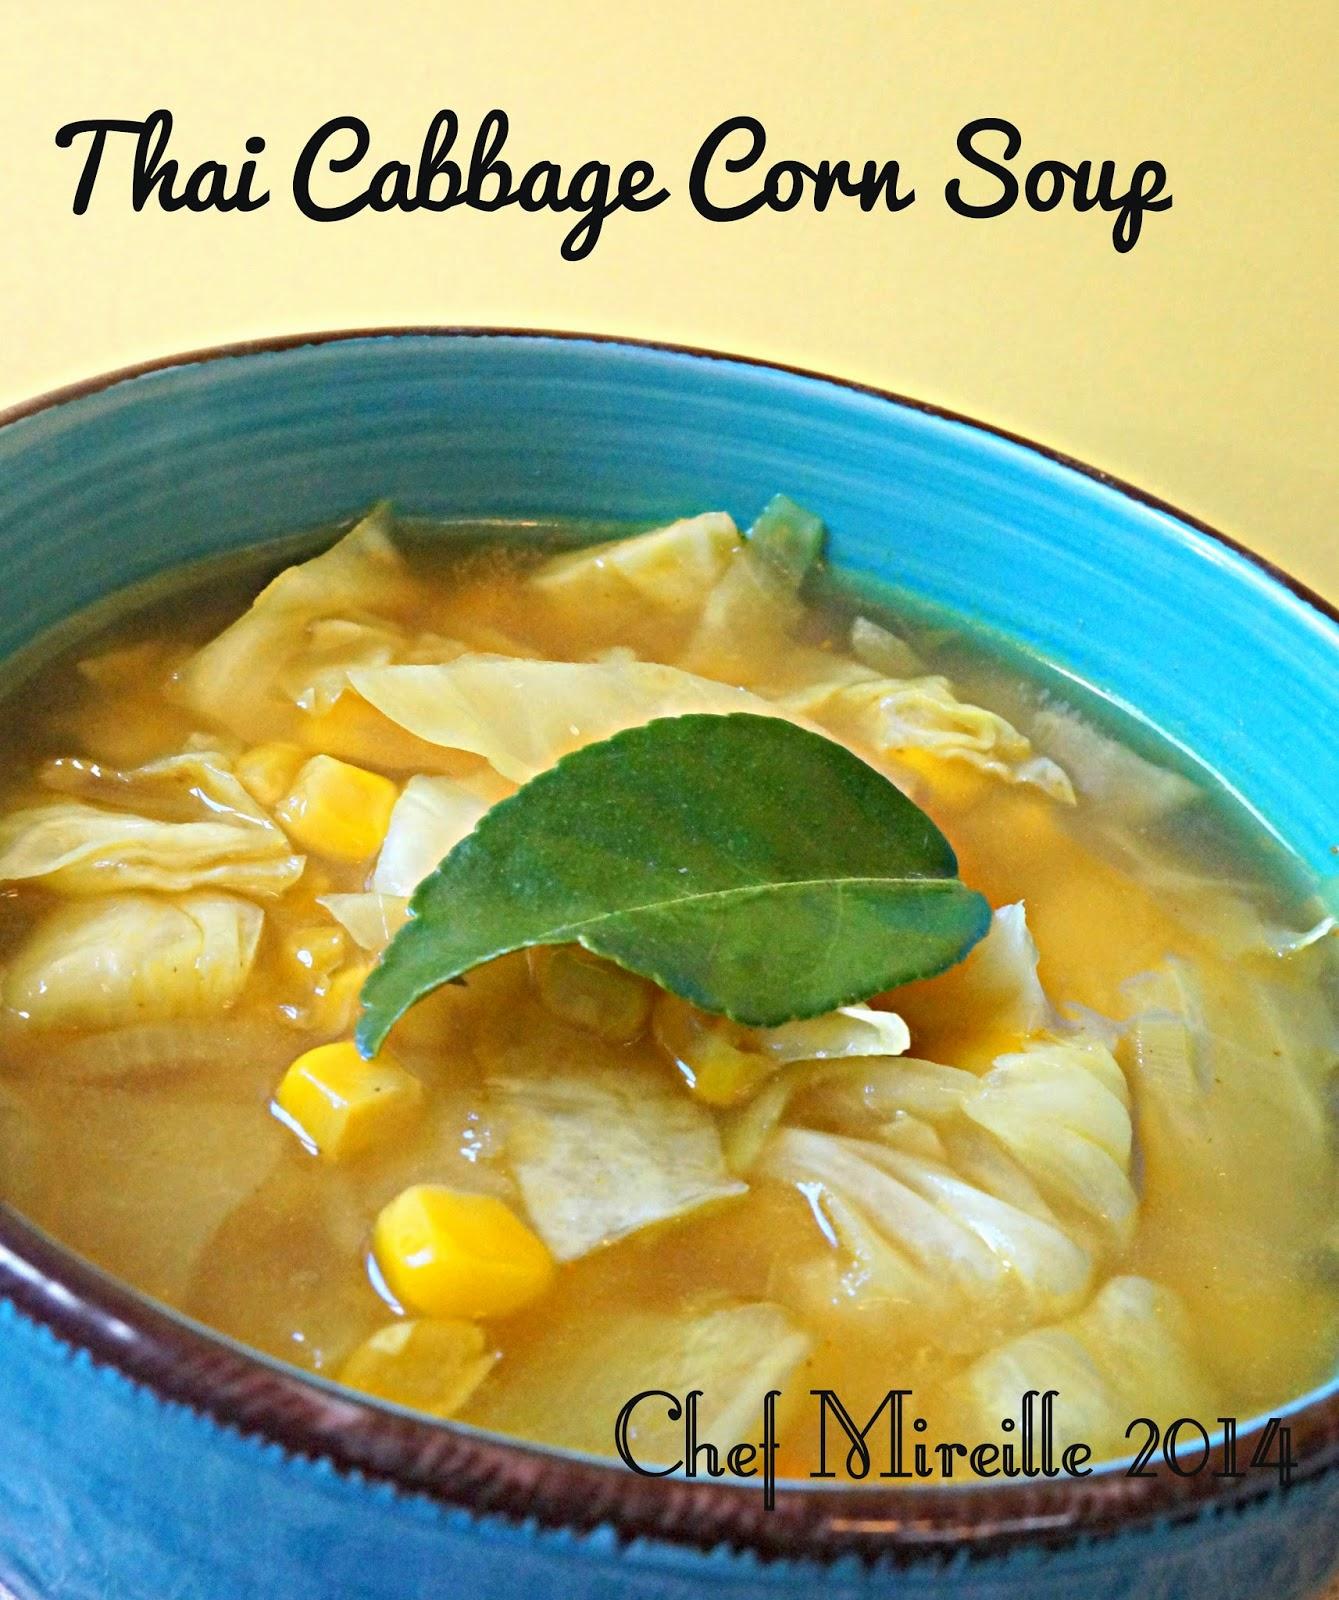 Thai Cabbage Corn Soup